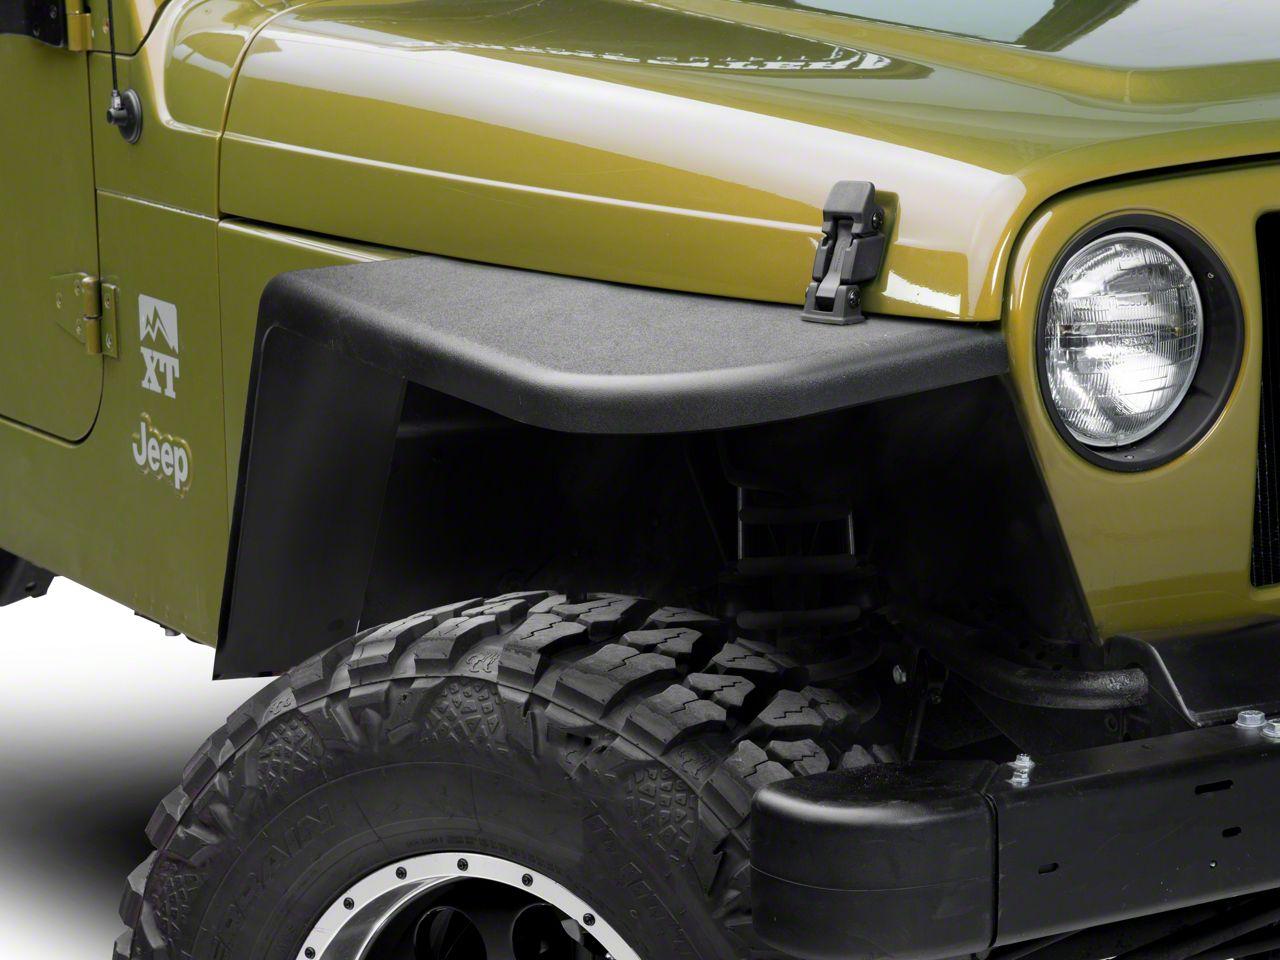 MCE Gen II 6 in. Flat Fender Flares - OE-Style Finish (97-06 Jeep Wrangler TJ)